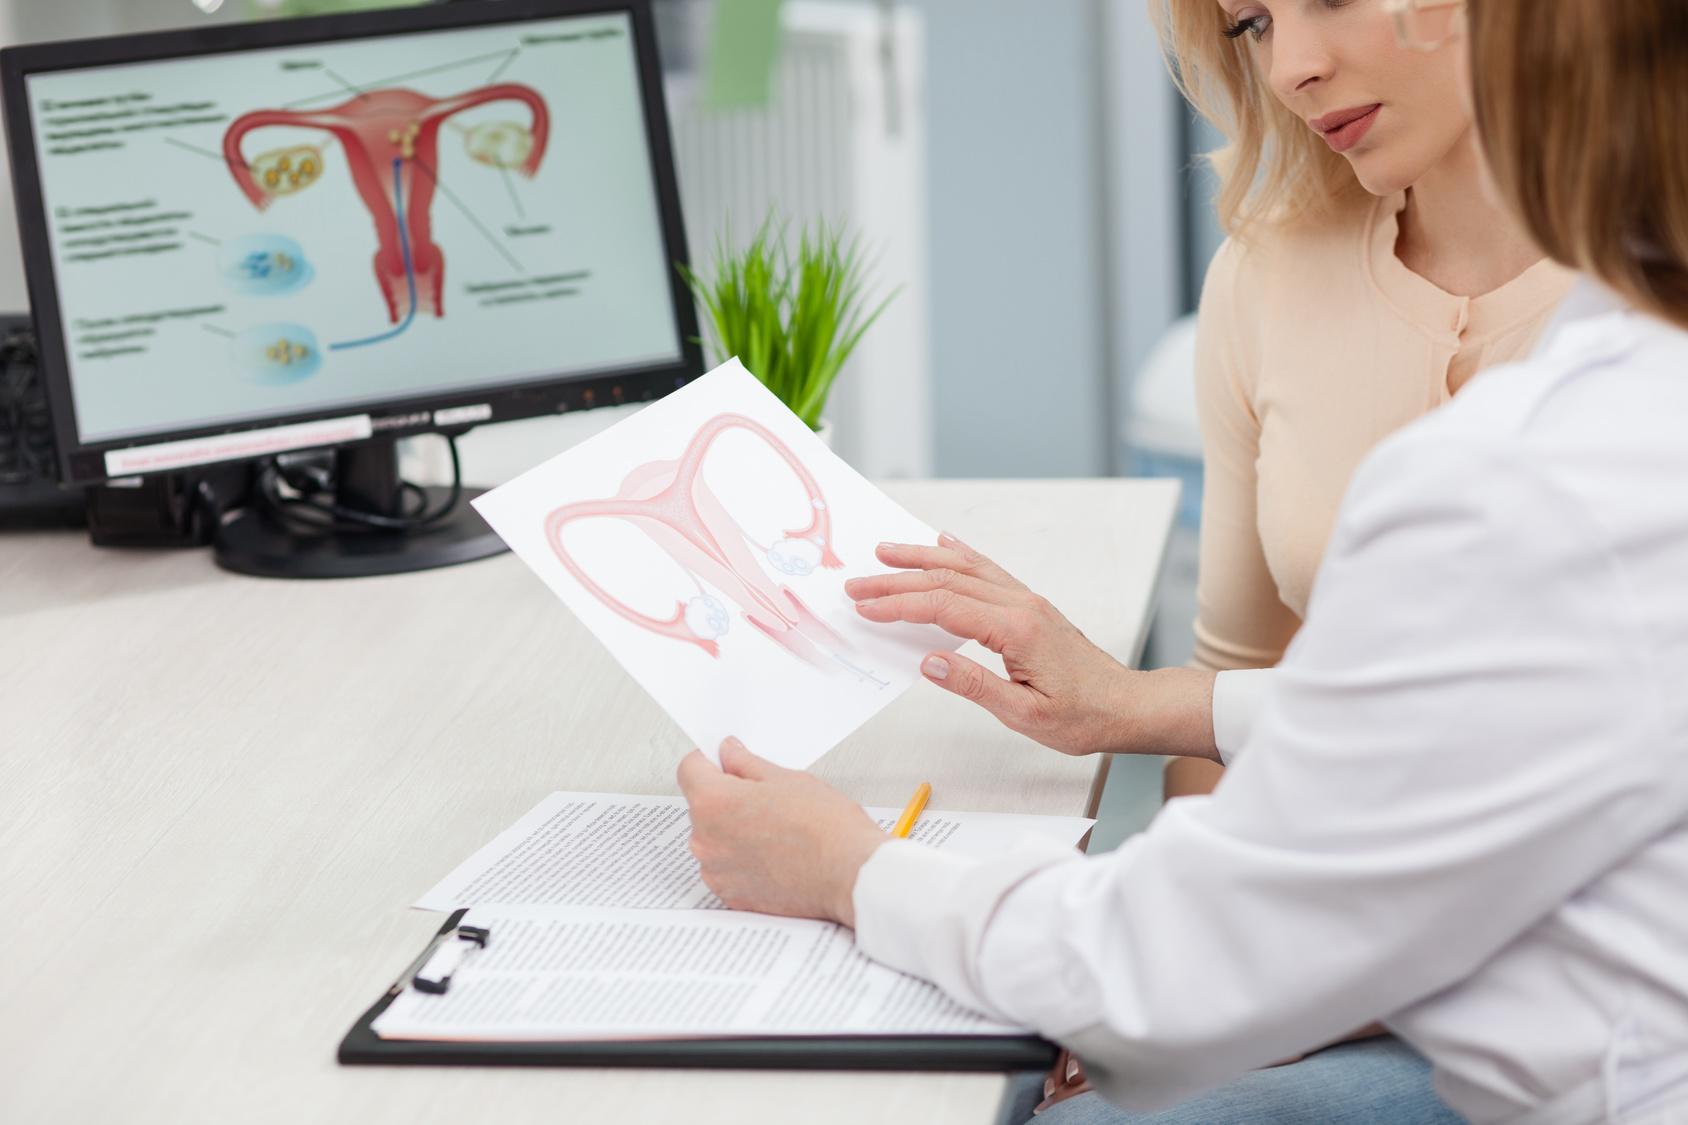 子宮頸がんに対するLEEP(ループ式電気円錐切除法)では経験豊富な名医ほど取り残しが少ない